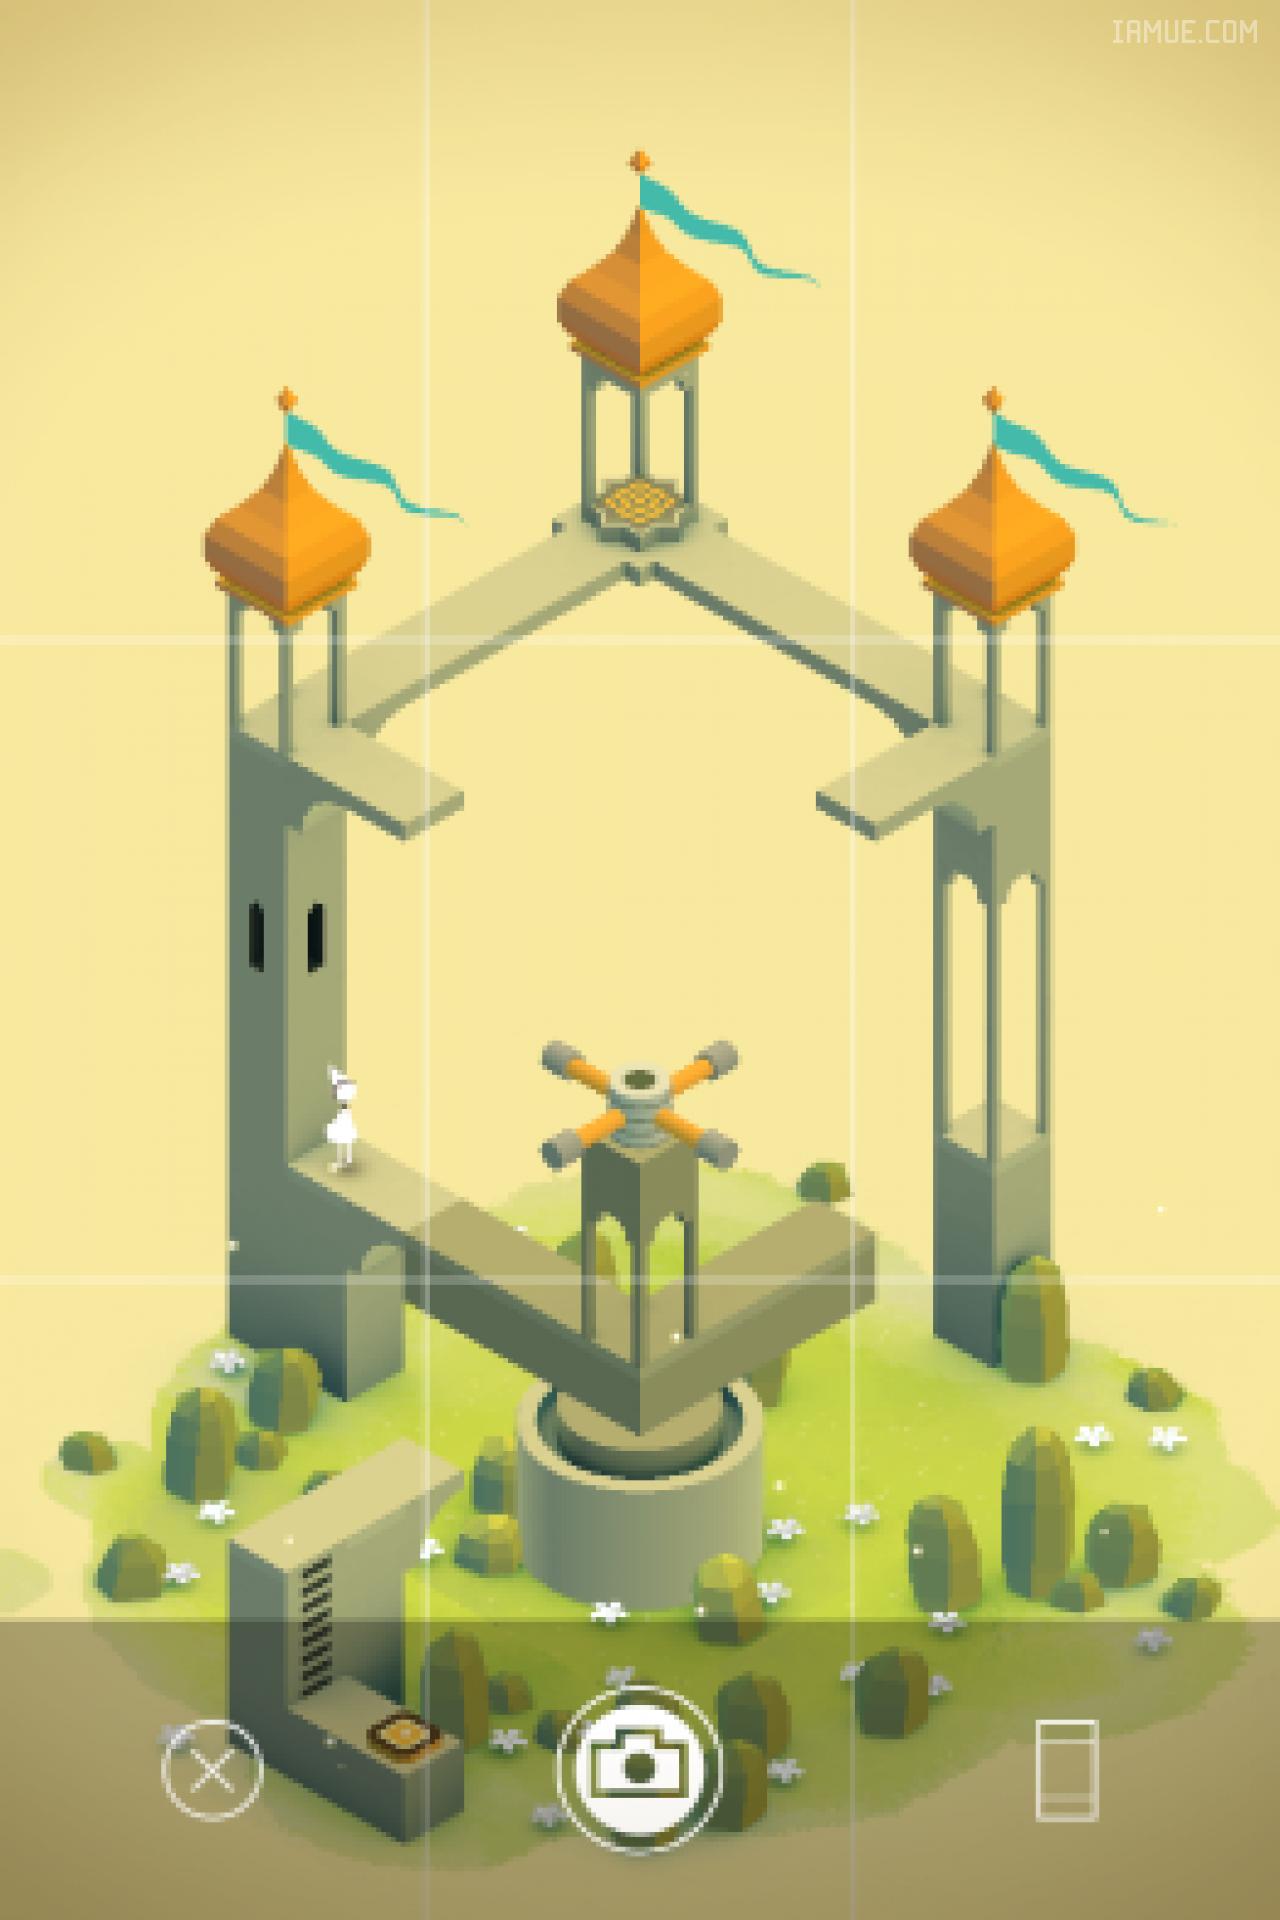 手游《纪念碑谷》交互设计特点分析